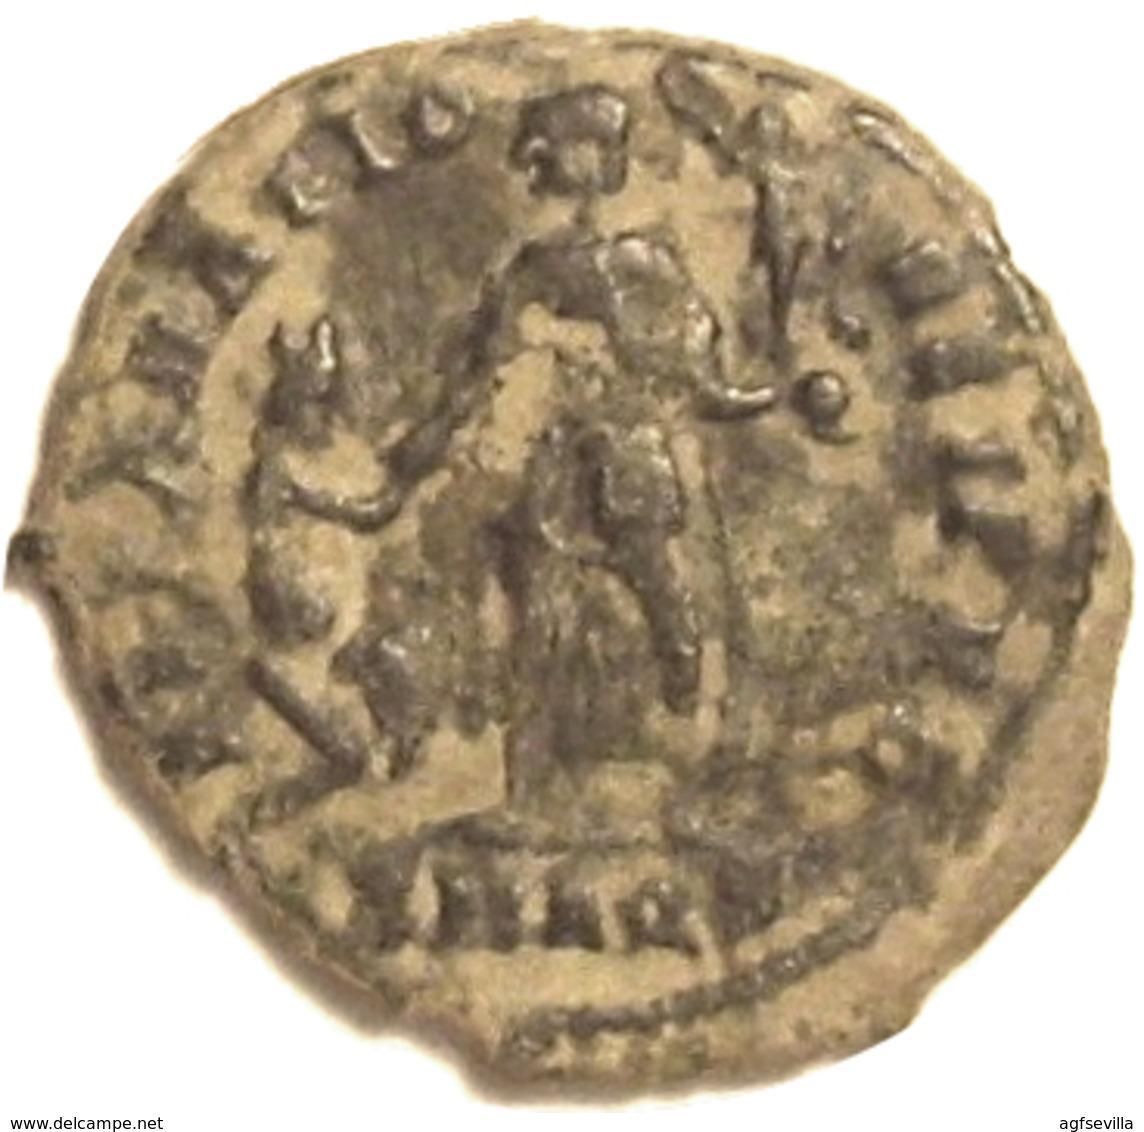 IMPERIO ROMANO. VALENTINIANO II (375-392 D.c.). MAIORINA. REPARATIO REI PVB. ROMAN EMPIRE - 8. El Bajo Imperio Romano (363 / 476)